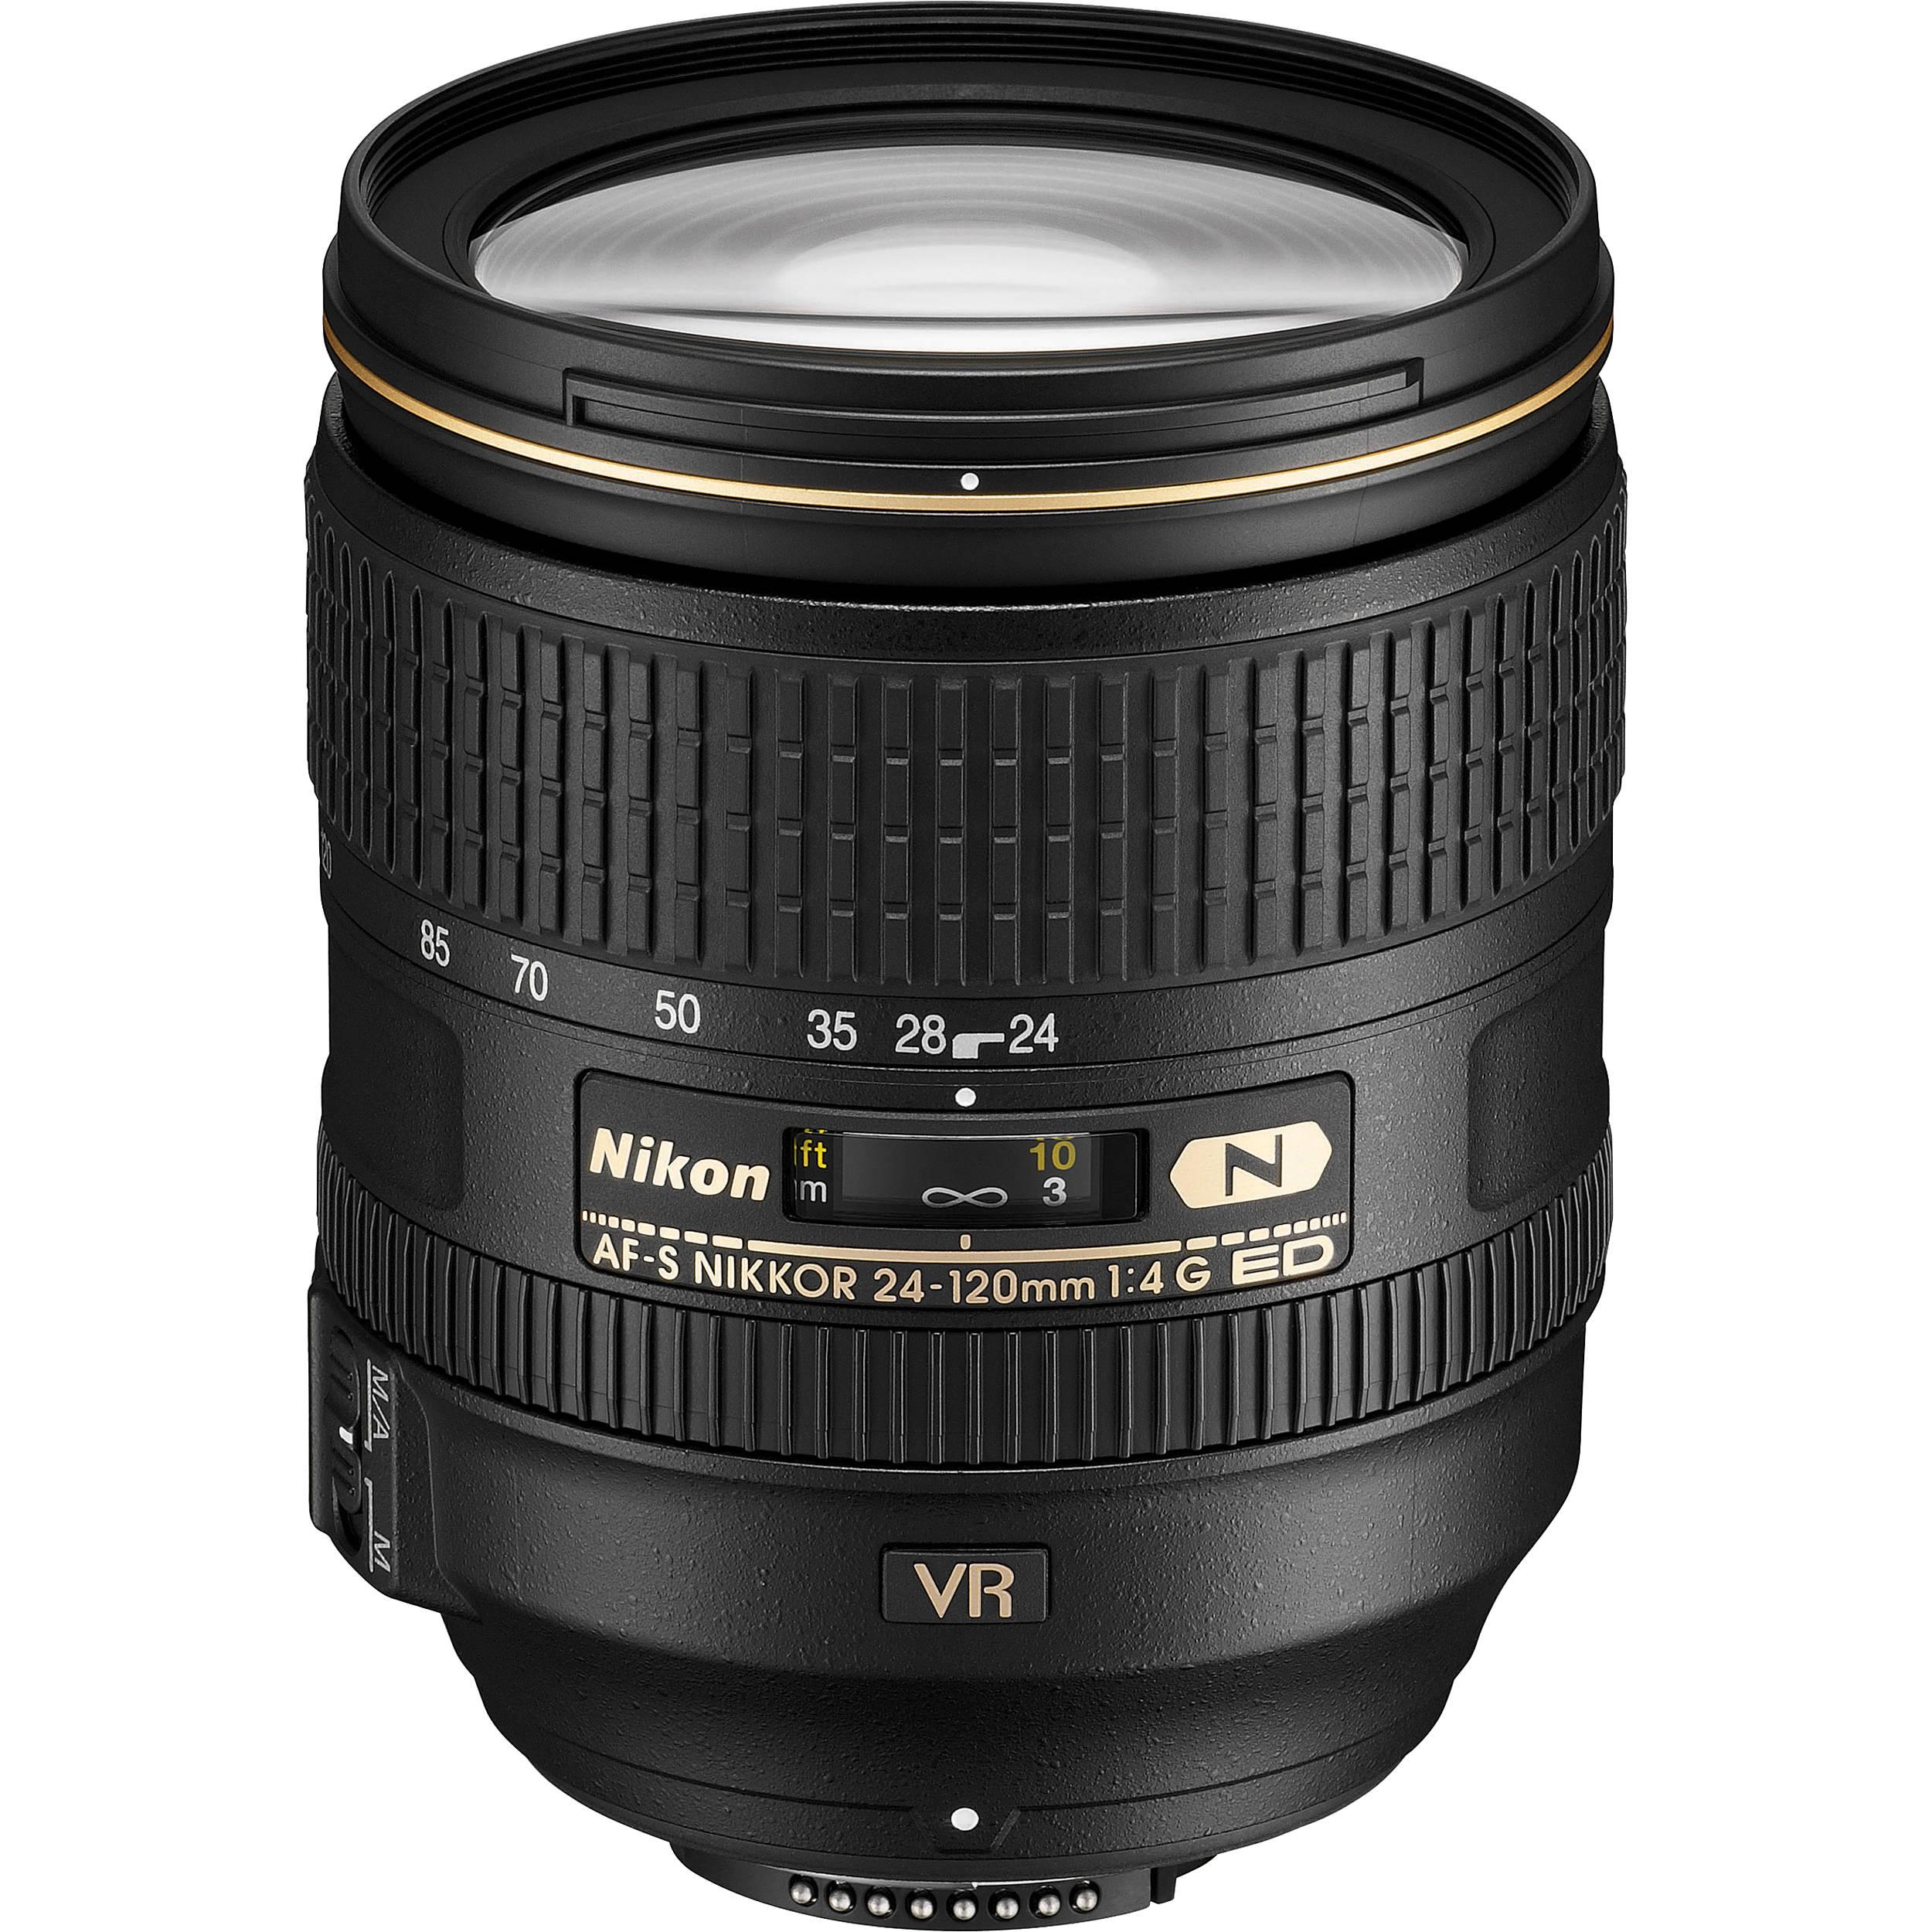 c product  USA Nikon AF S NIKKOR mm f G